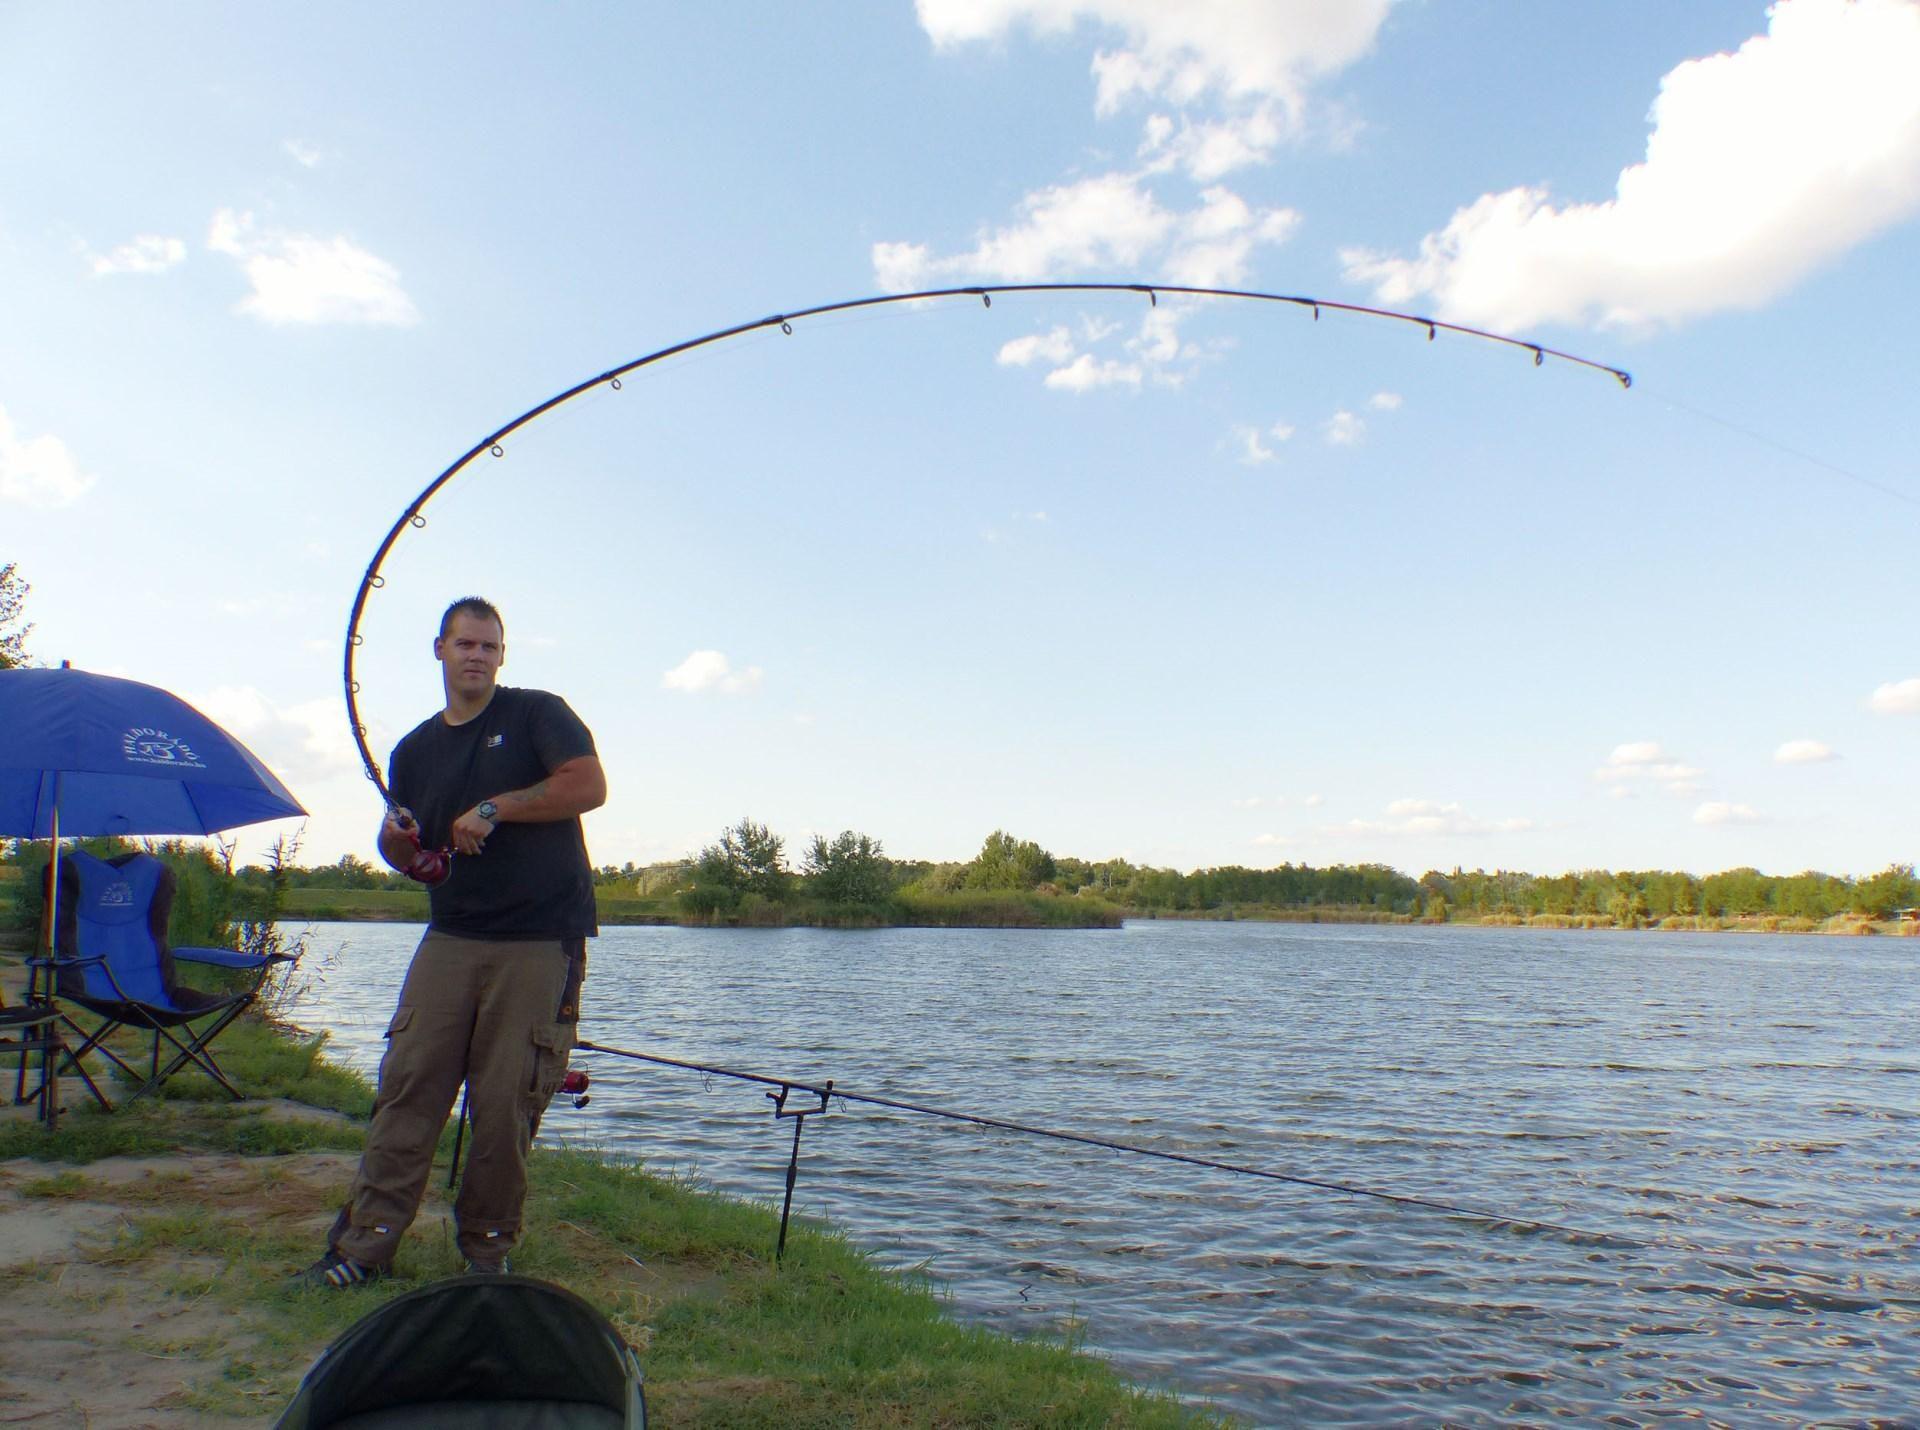 Emlékezetes fárasztás marad ez számomra, az itteni legnagyobb halam küzdött a horgon